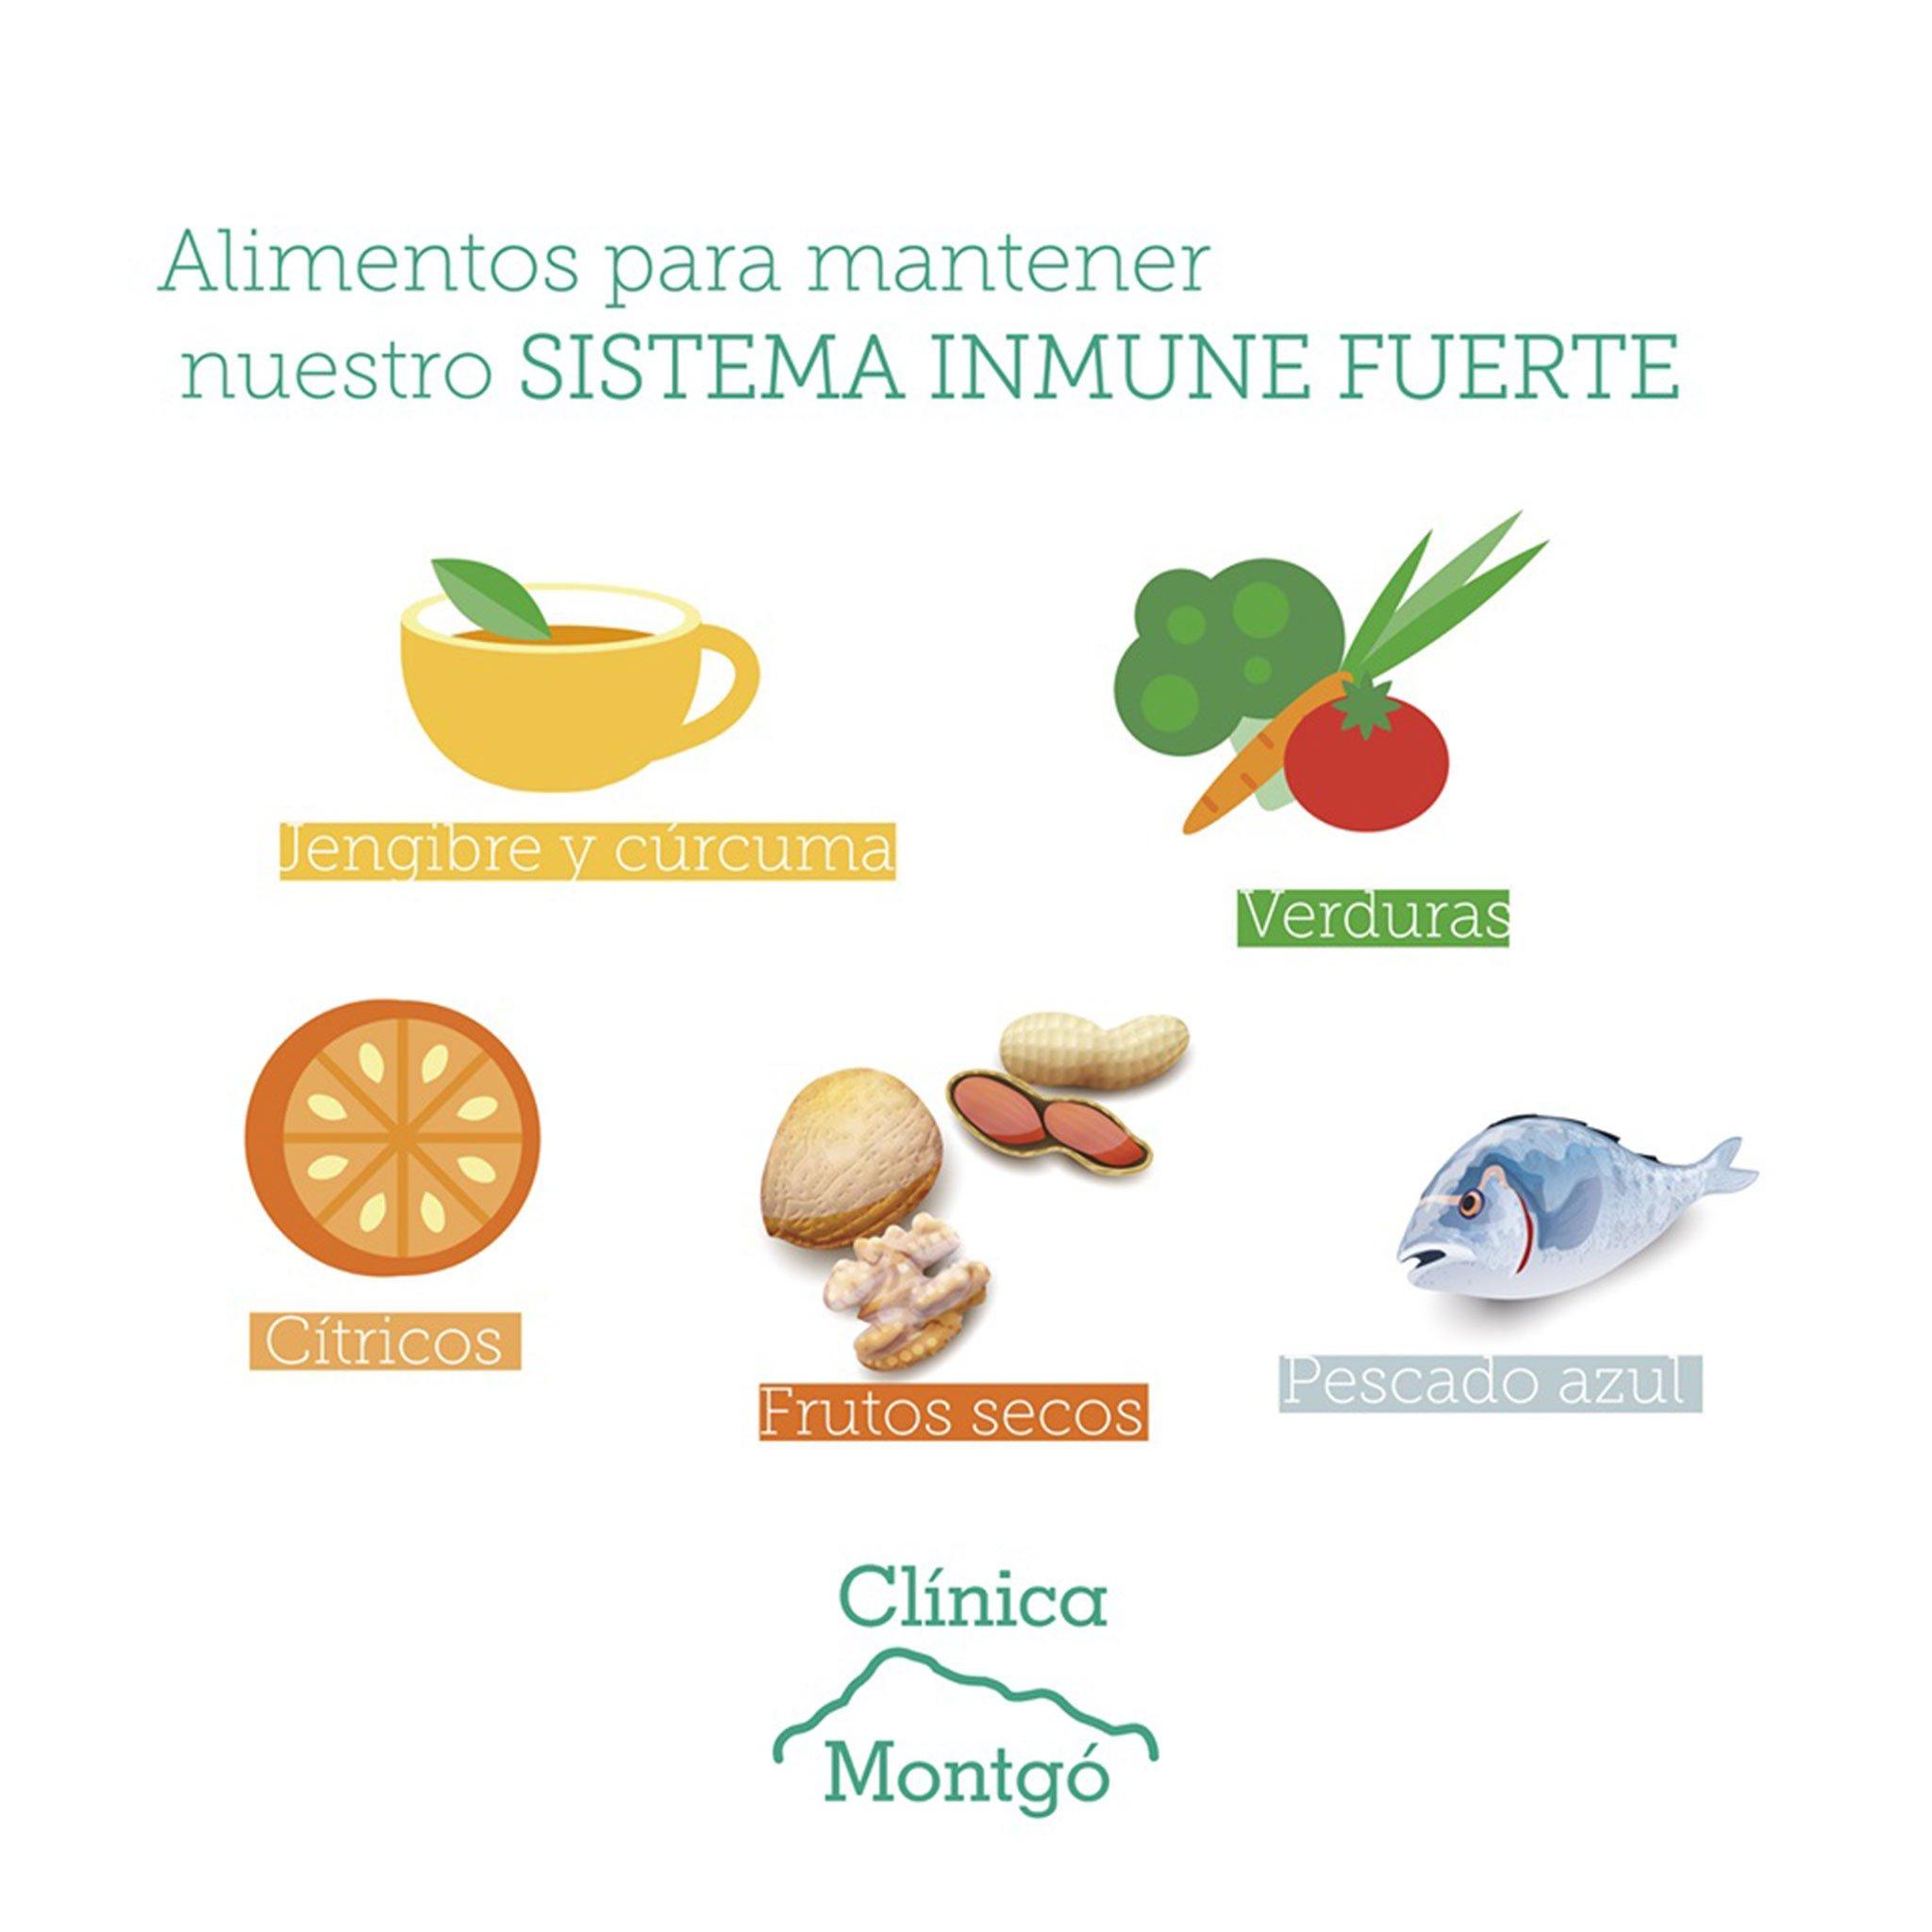 Conseils d'alimentation pour prendre soin de vous, c'est l'une des façons dont la Clinique médicale de Montgó veut aider